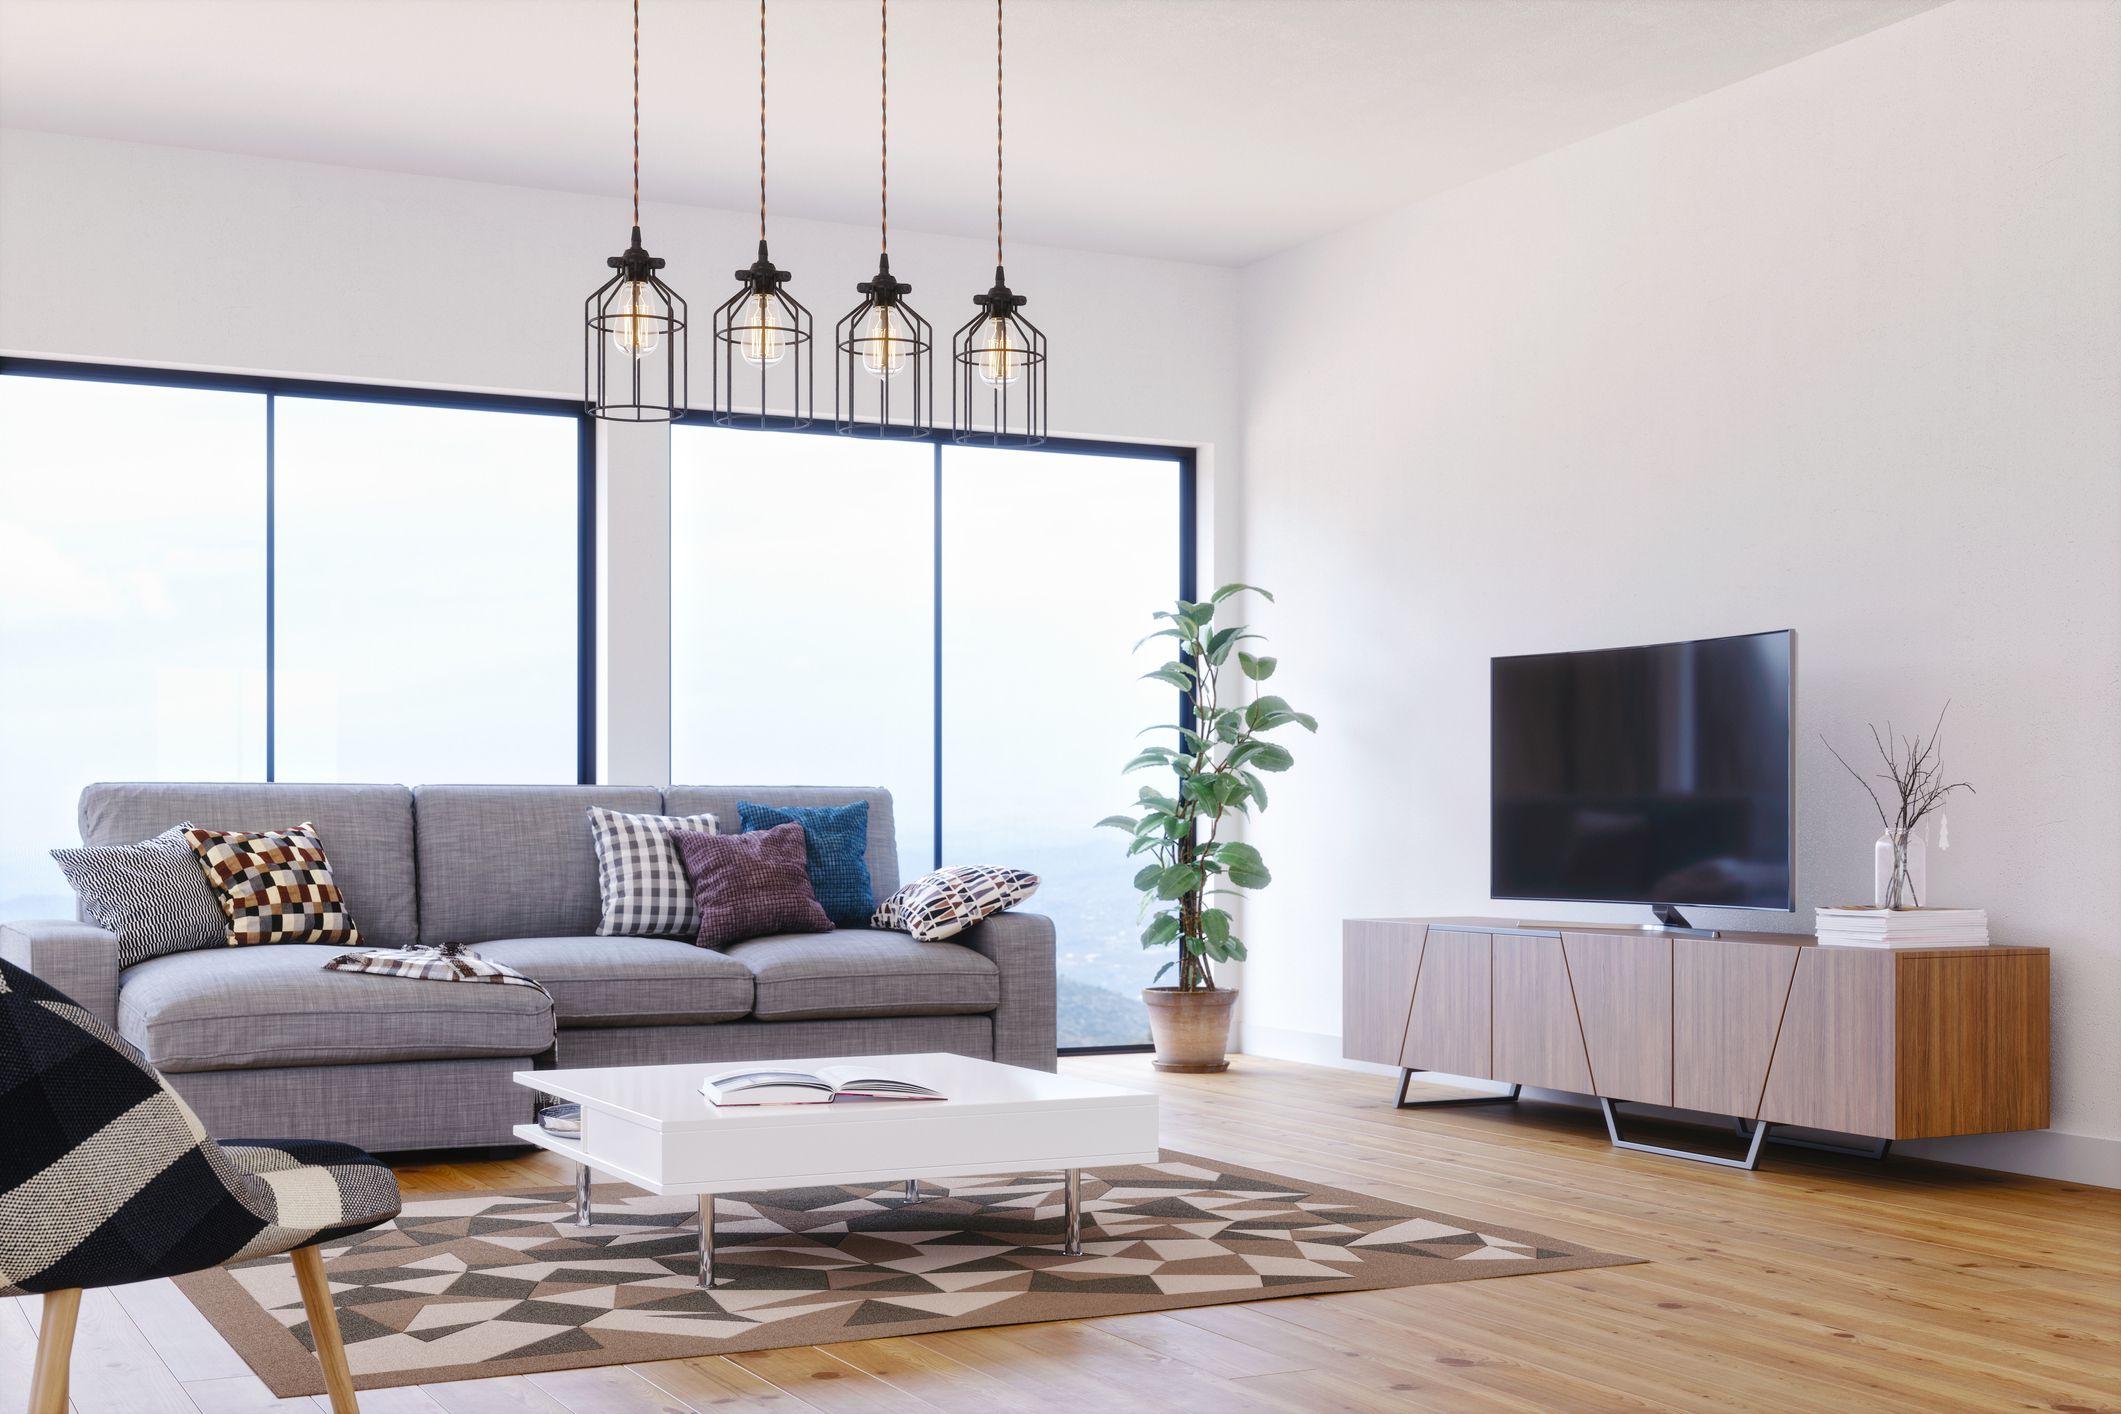 Phong cách hiện đại đầy đủ tiện nghi trong thiết kế phòng khách